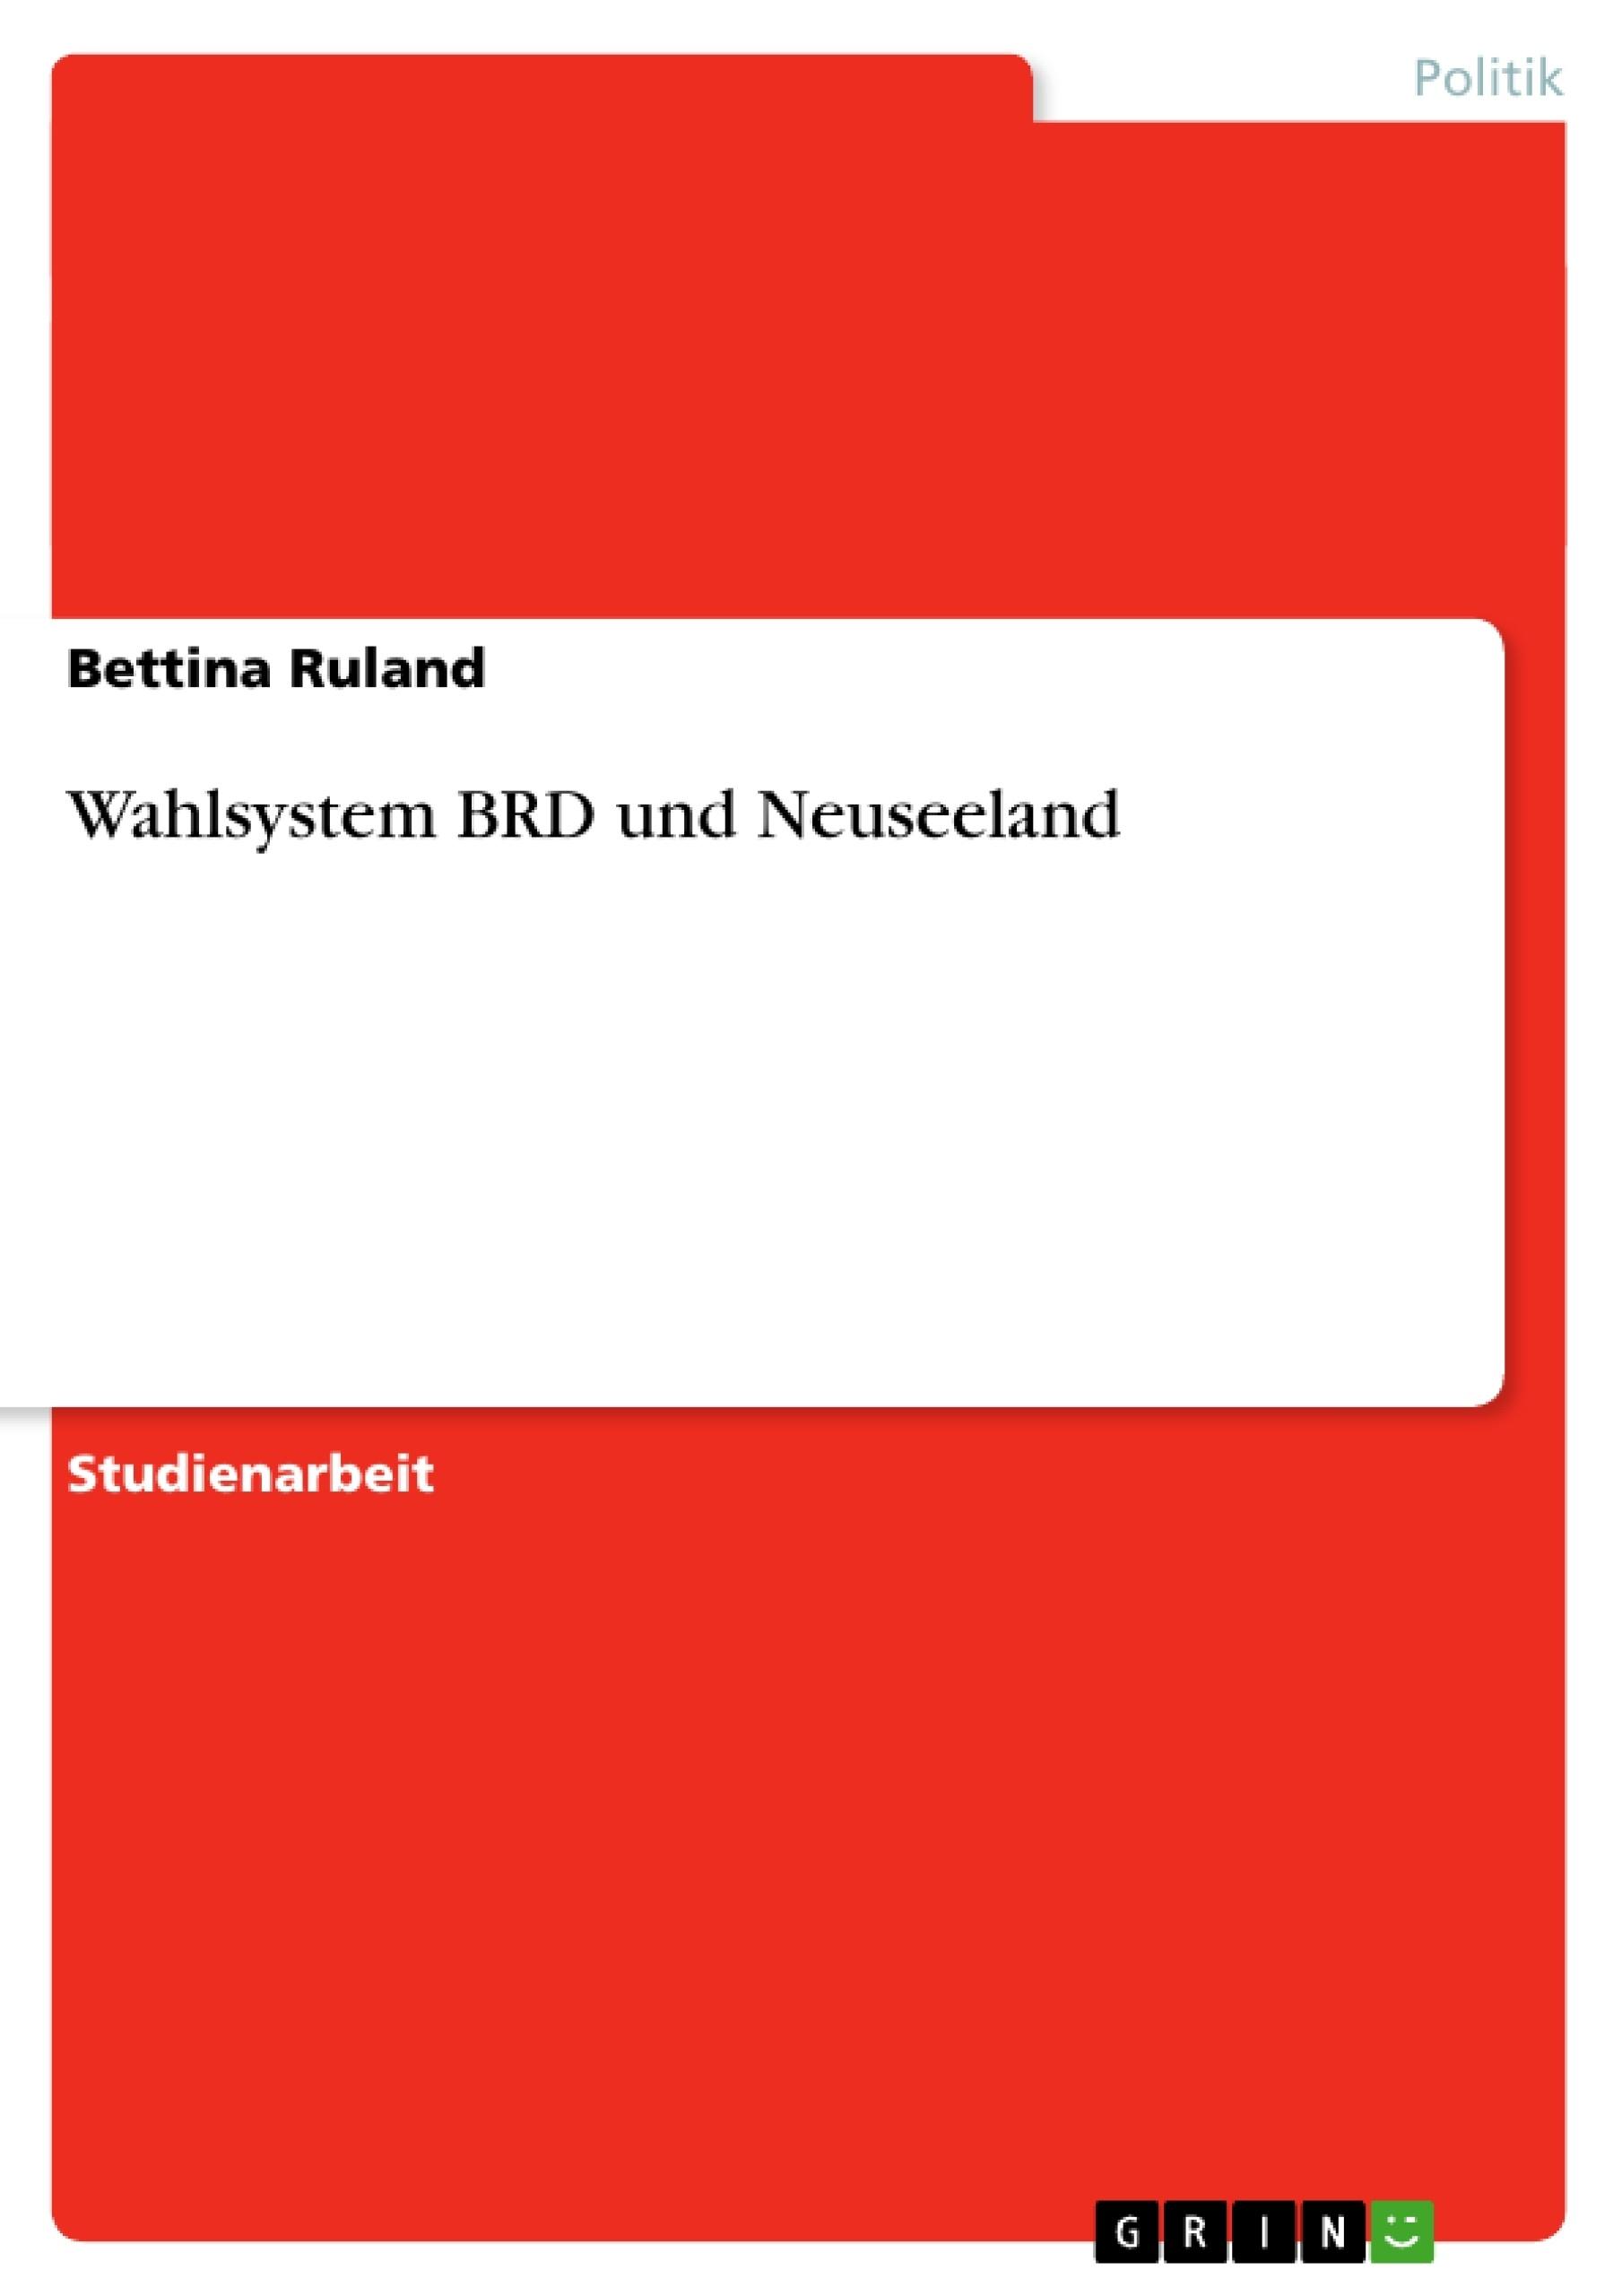 Titel: Wahlsystem BRD und Neuseeland